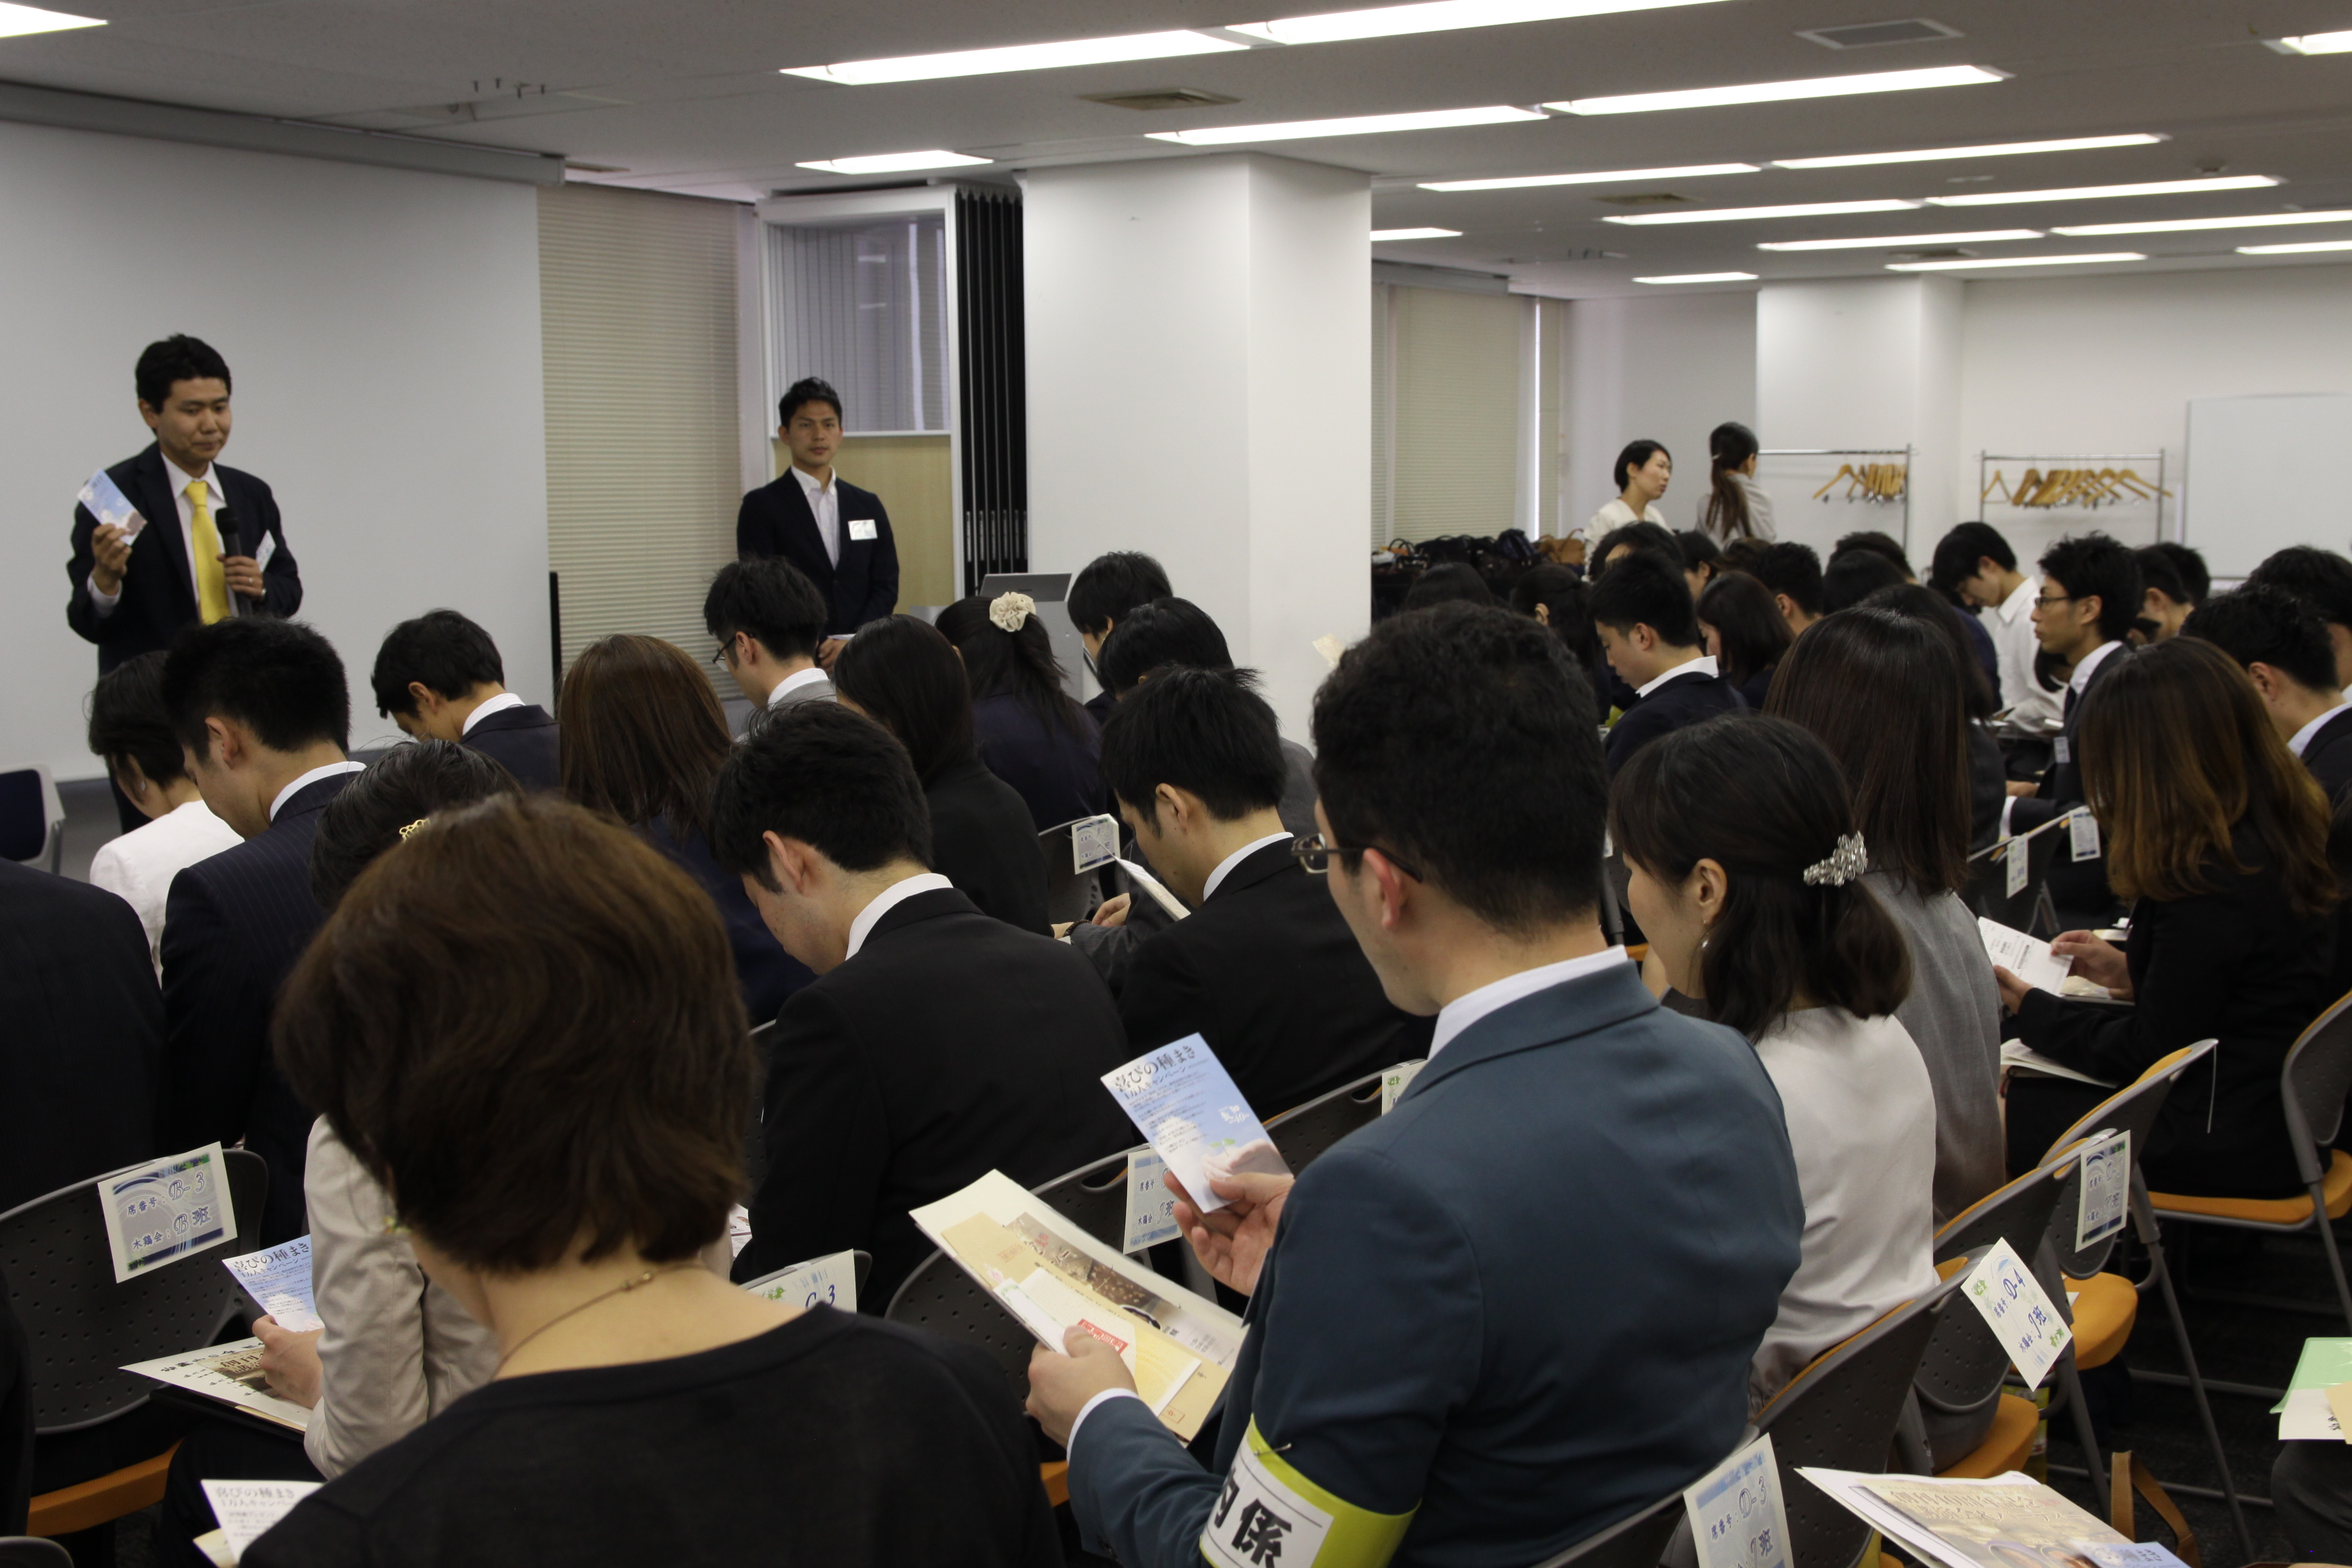 IMG 4513 - 関東若獅子の会、記念すべき第100回